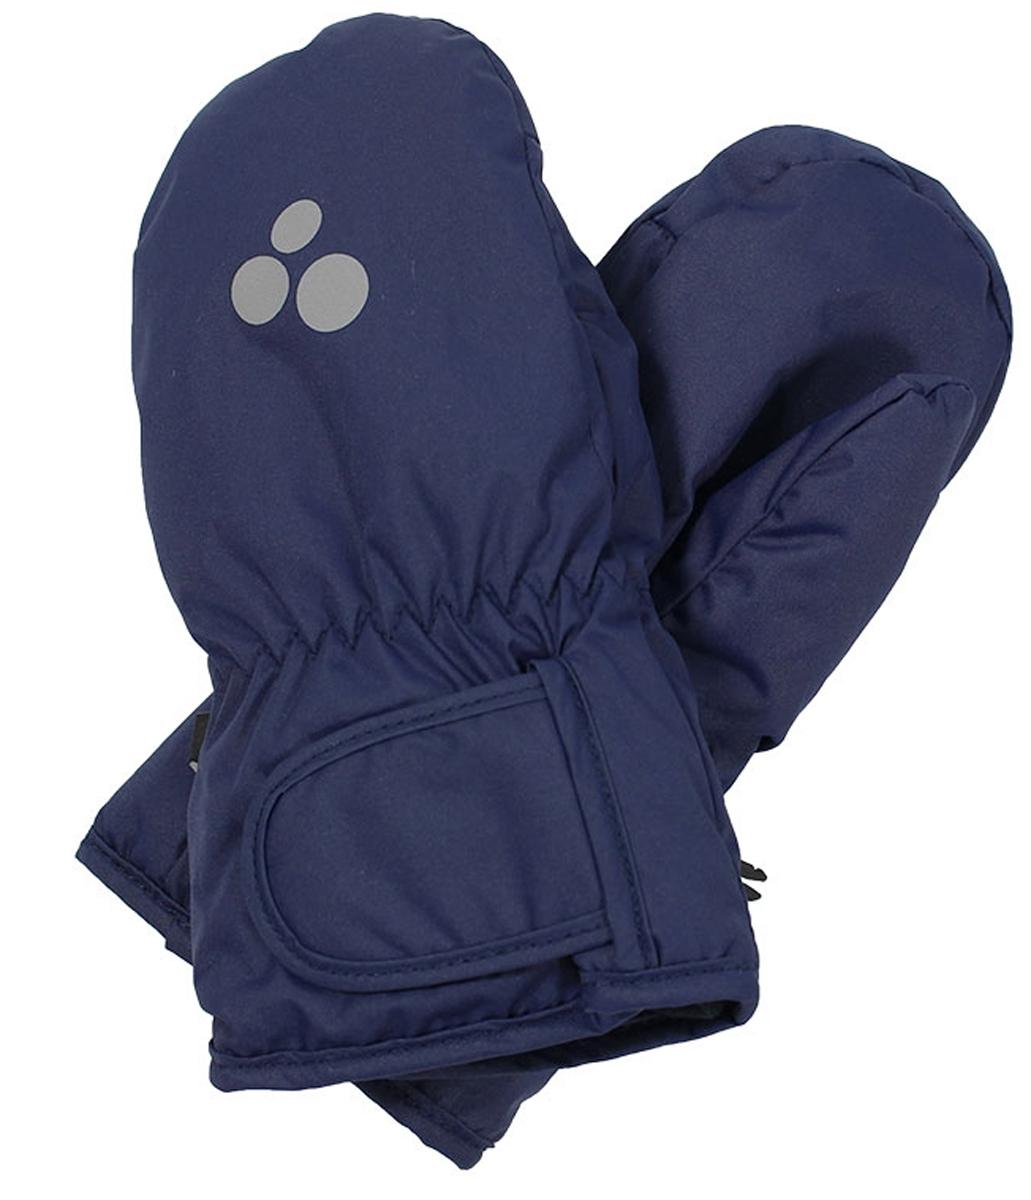 Варежки детские Huppa Liina, цвет: темно-синий. 8104BASE-60086. Размер 38104BASE-60086Детские варежки Huppa Liina, изготовленные из высококачественного полиэстера, станут идеальным вариантом для холодной зимней погоды. Первоклассный мембранный материал и теплая мягкая флисовая подкладка, а также наполнитель из синтепона надежно сохранят тепло и не дадут ручкам вашего малыша замерзнуть.Варежки дополнены удлиненными манжетами, которые помогут предотвратить попадание снега и влаги. На запястьях варежки собраны на эластичные резинки, что обеспечивает комфортную и надежную посадку. Изделие дополнено хлястиками на липучках, которые позволяют регулировать обхват манжет. С внешней стороны варежки оформлены светоотражающим принтом.Теплые, удобные и стильные варежки будут незаменимы для зимних прогулок и надежно защитят ручки малыша от холода и ветра.Водонепроницаемость: 5000 мм. Воздухопроницаемость: 5000 г/м2.